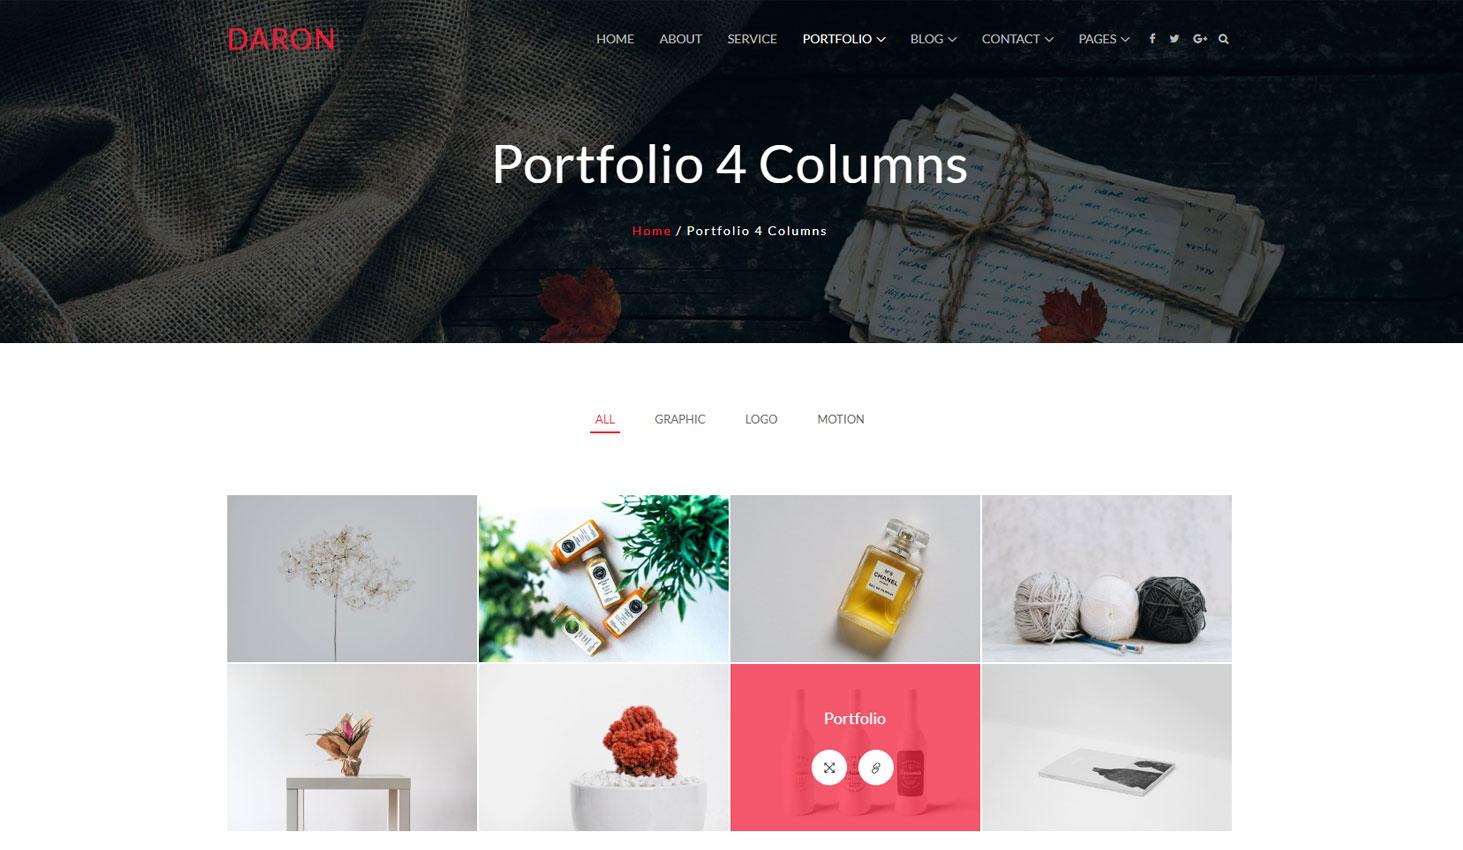 Daron premium wordpress theme portfolio four column